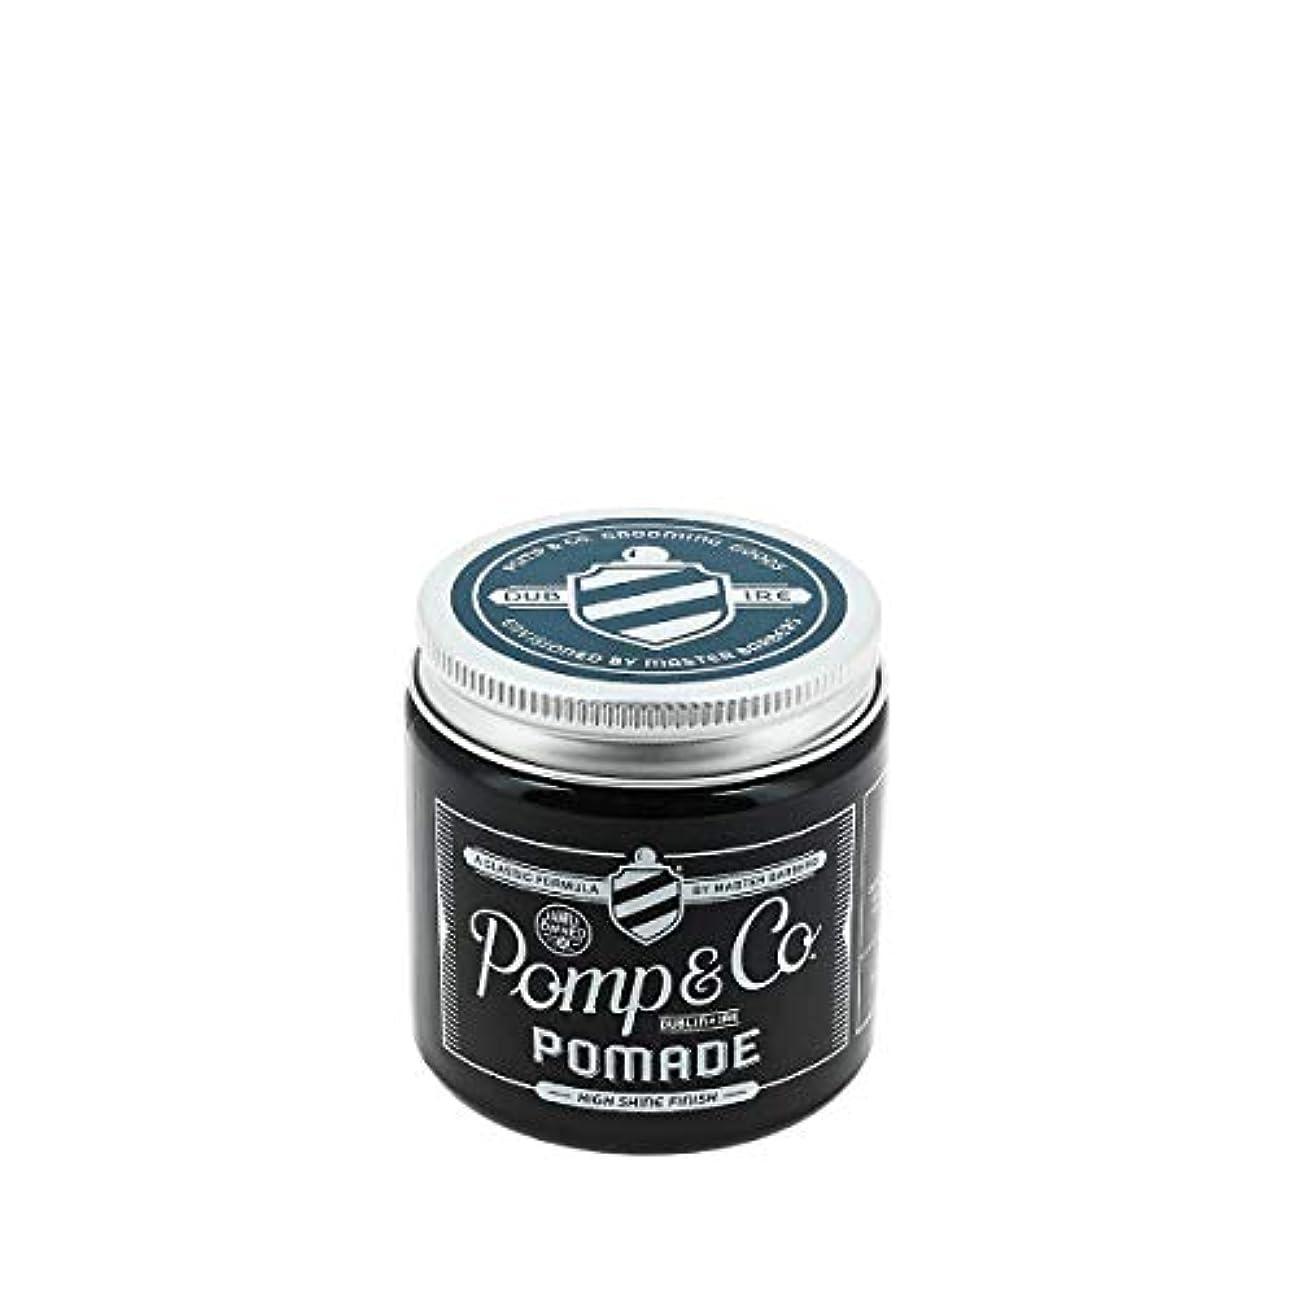 ピューオーブン失望Pomp & Co ポマード 120ml[海外直送品] [並行輸入品]